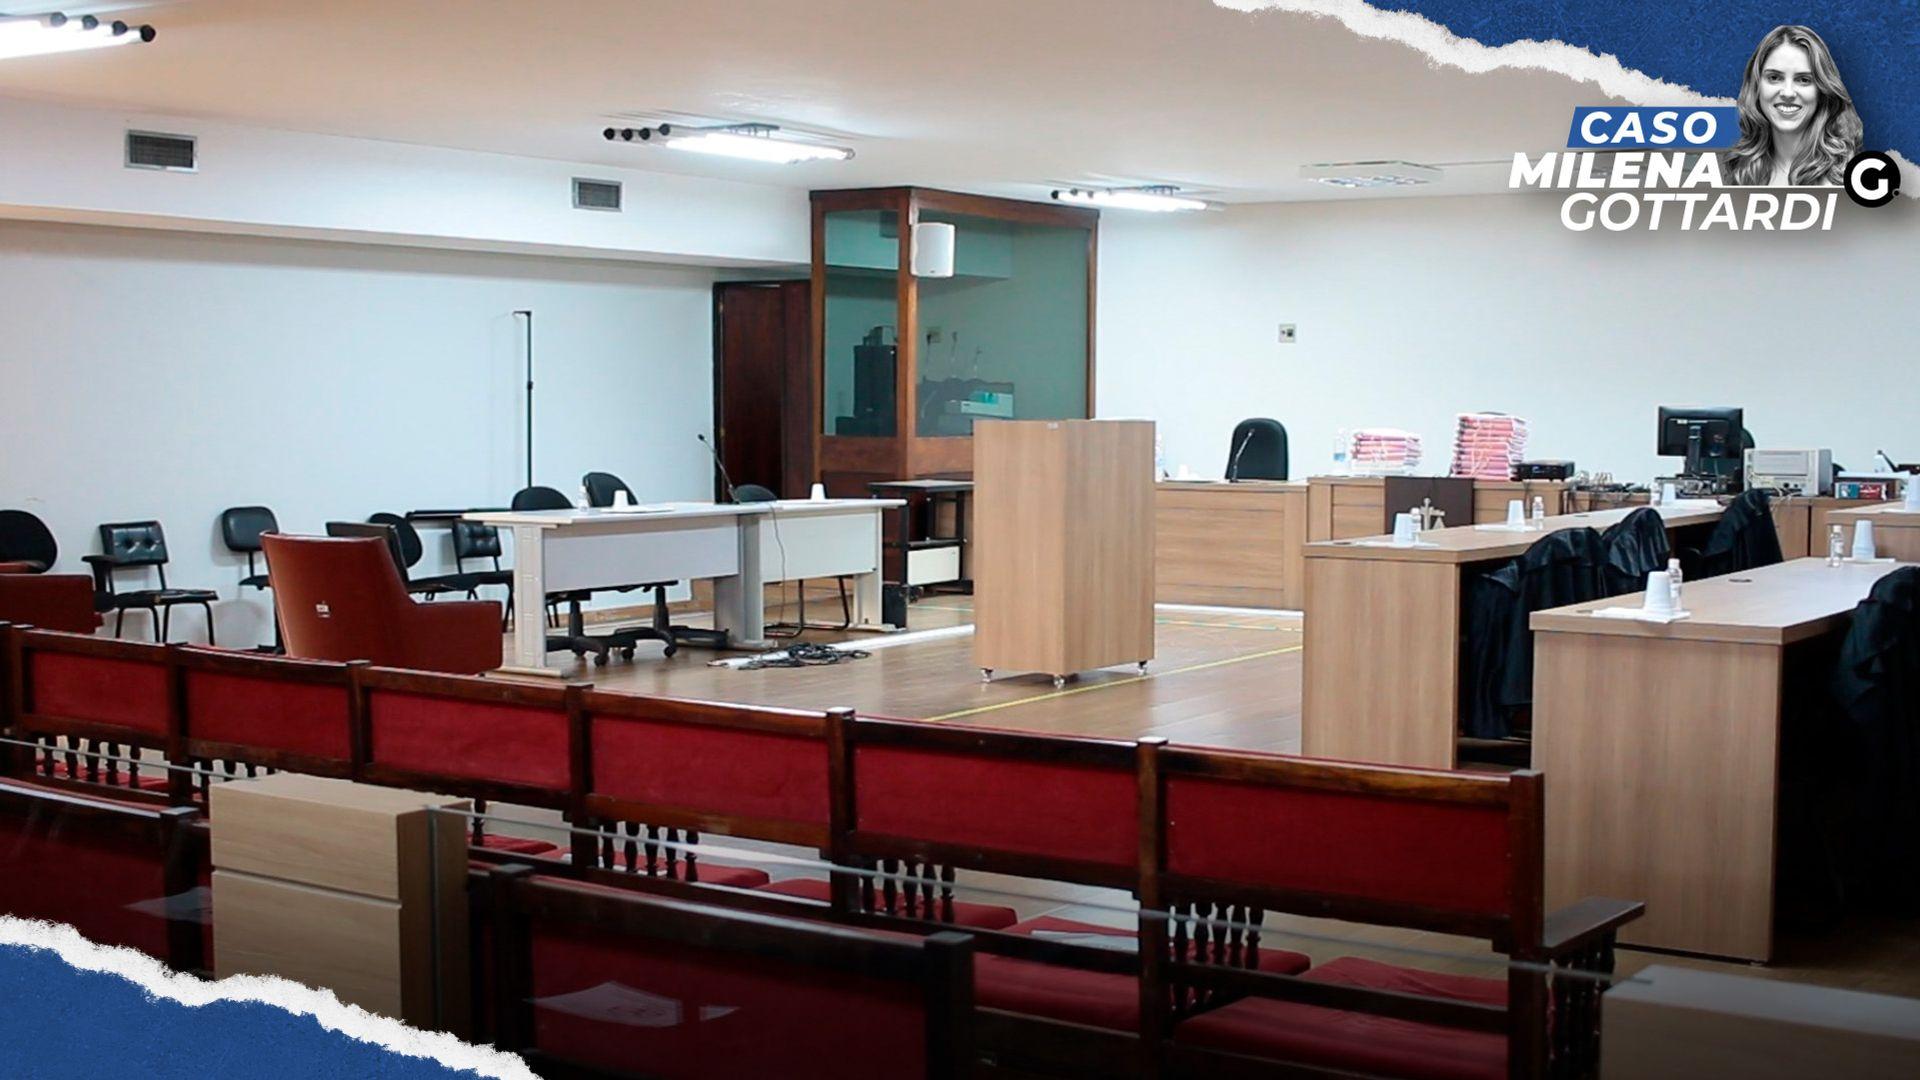 Salão do Tribunal do Júri Popular, onde será realizado o julgamento dos réus do caso Milena